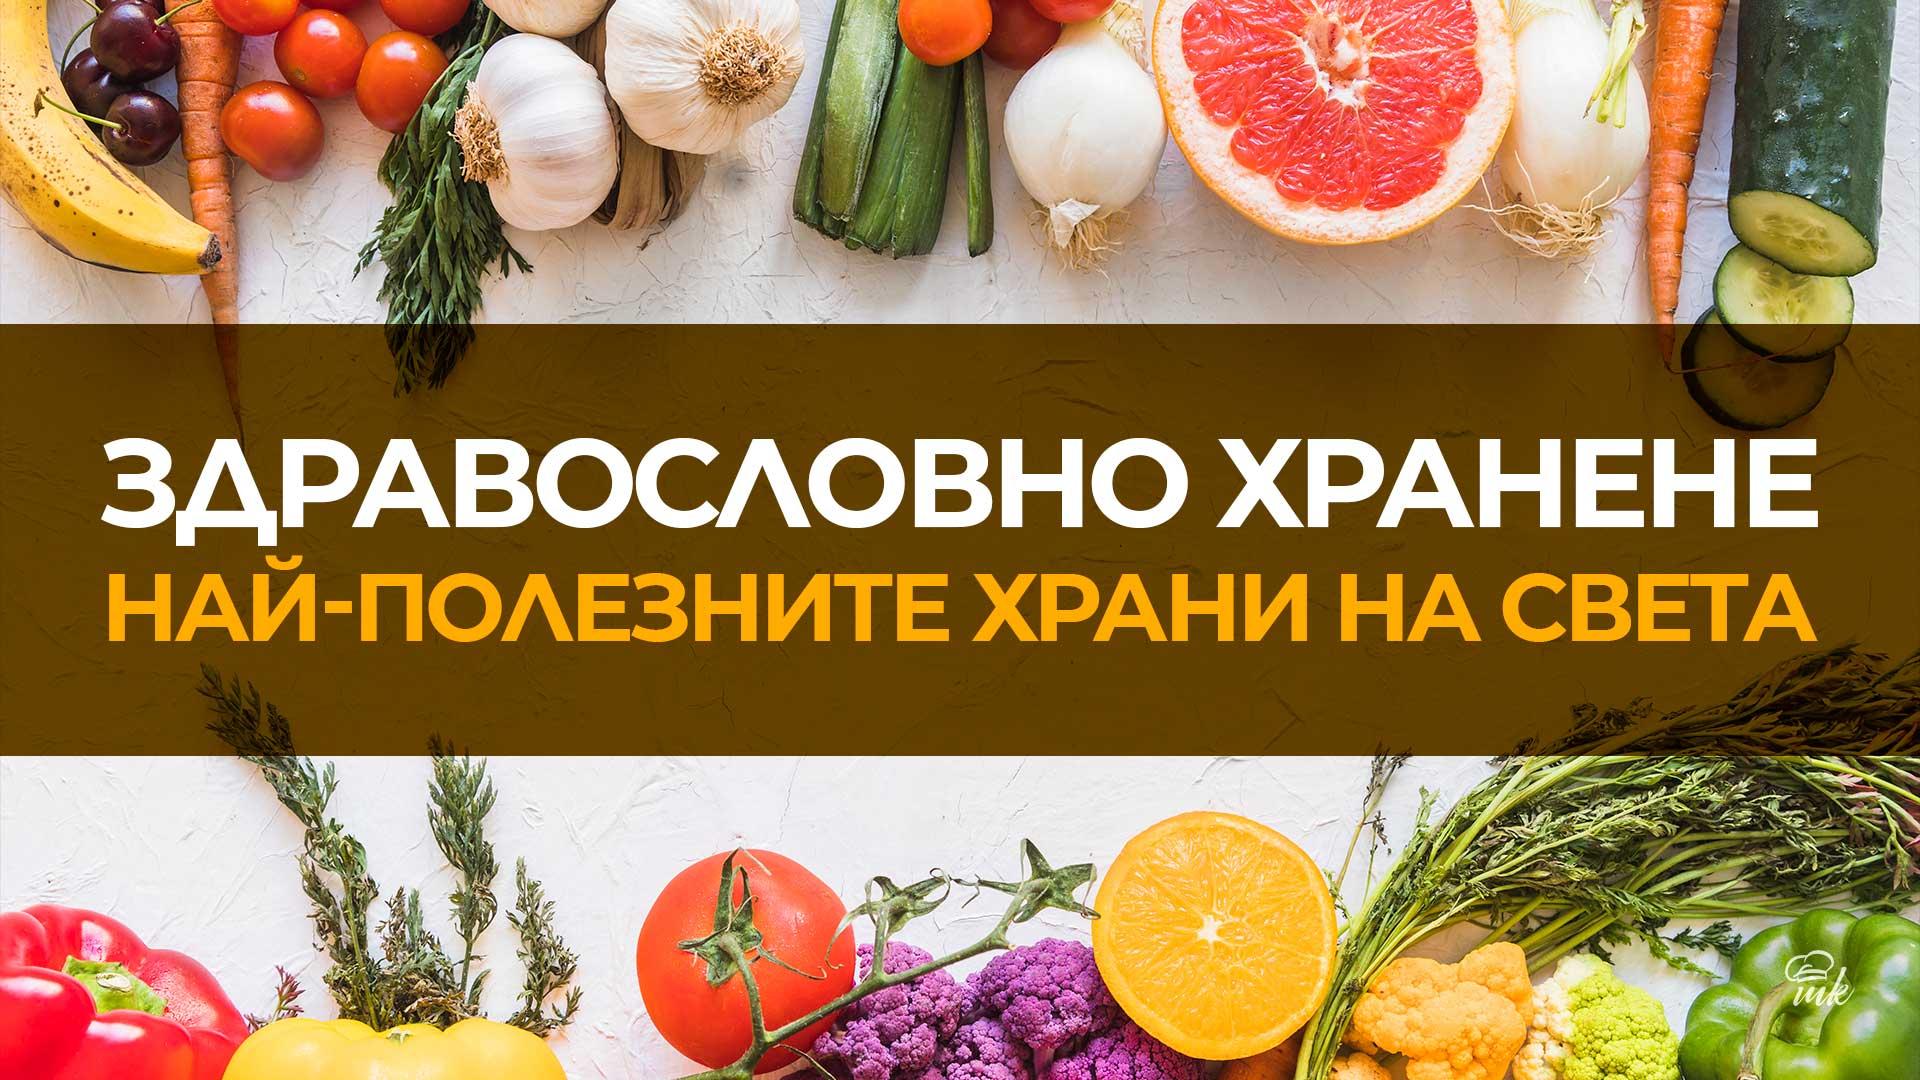 Рекламно изображение за публикация за здравословно хранене